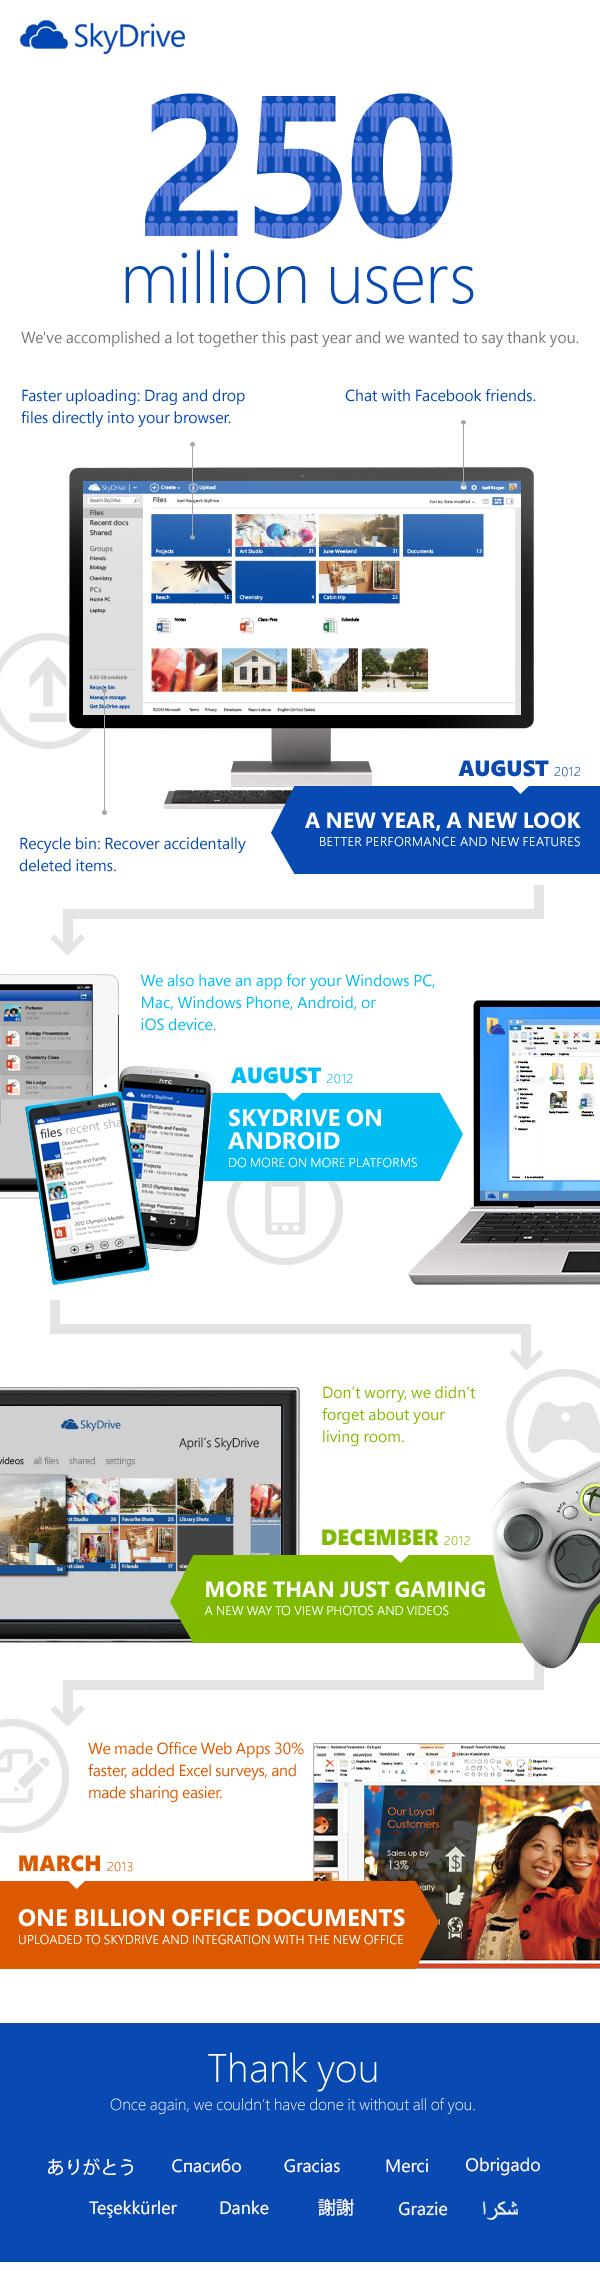 SkyDrive ma już ponad 250 milionów użytkowników